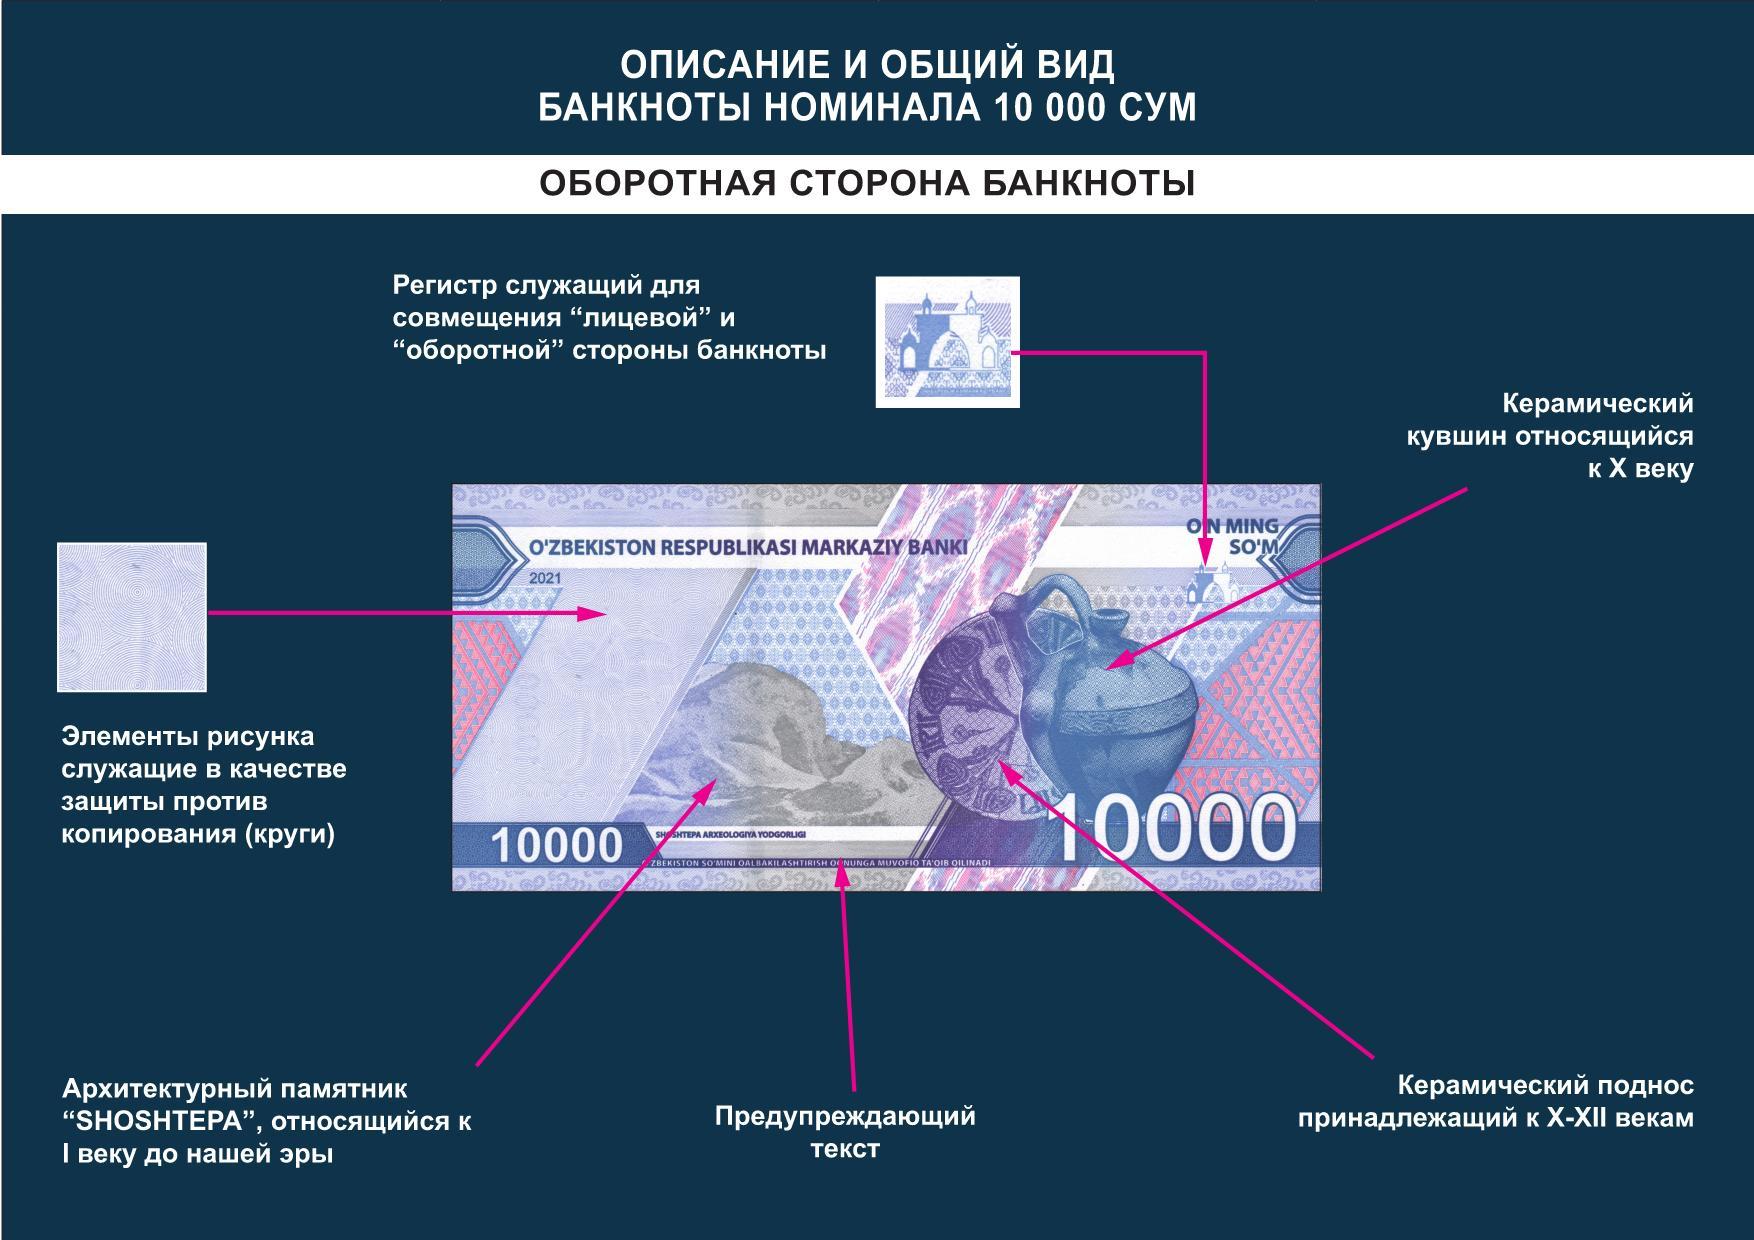 Центробанк представил дизайн обновленных купюр номиналами 5 000 и 10 000 сумов